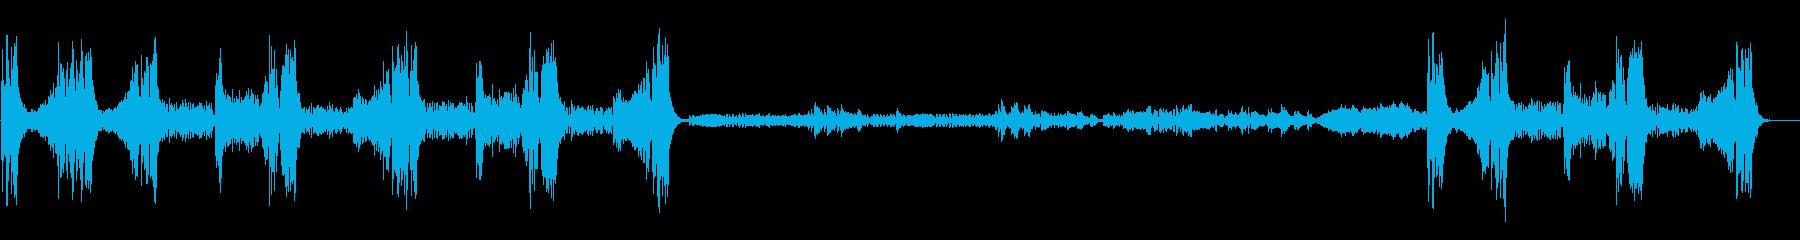 「クープランの墓」から 『リゴドン』の再生済みの波形